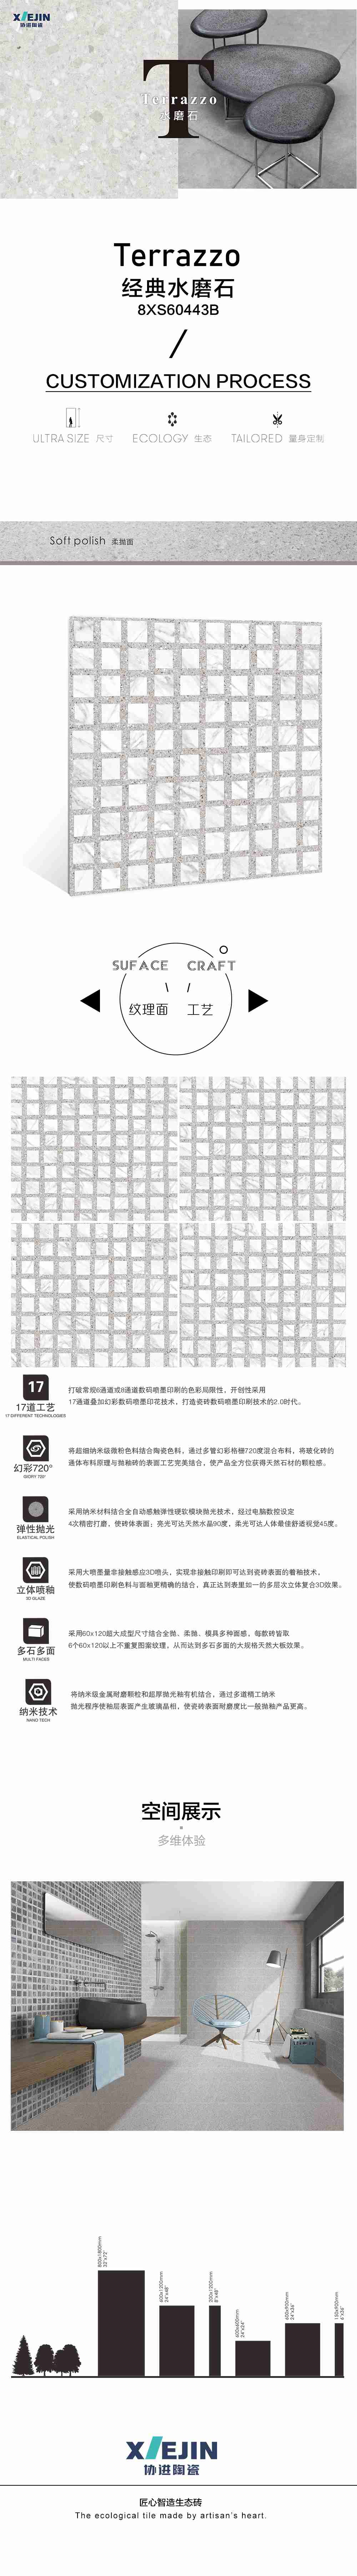 8XS60443B--0.jpg